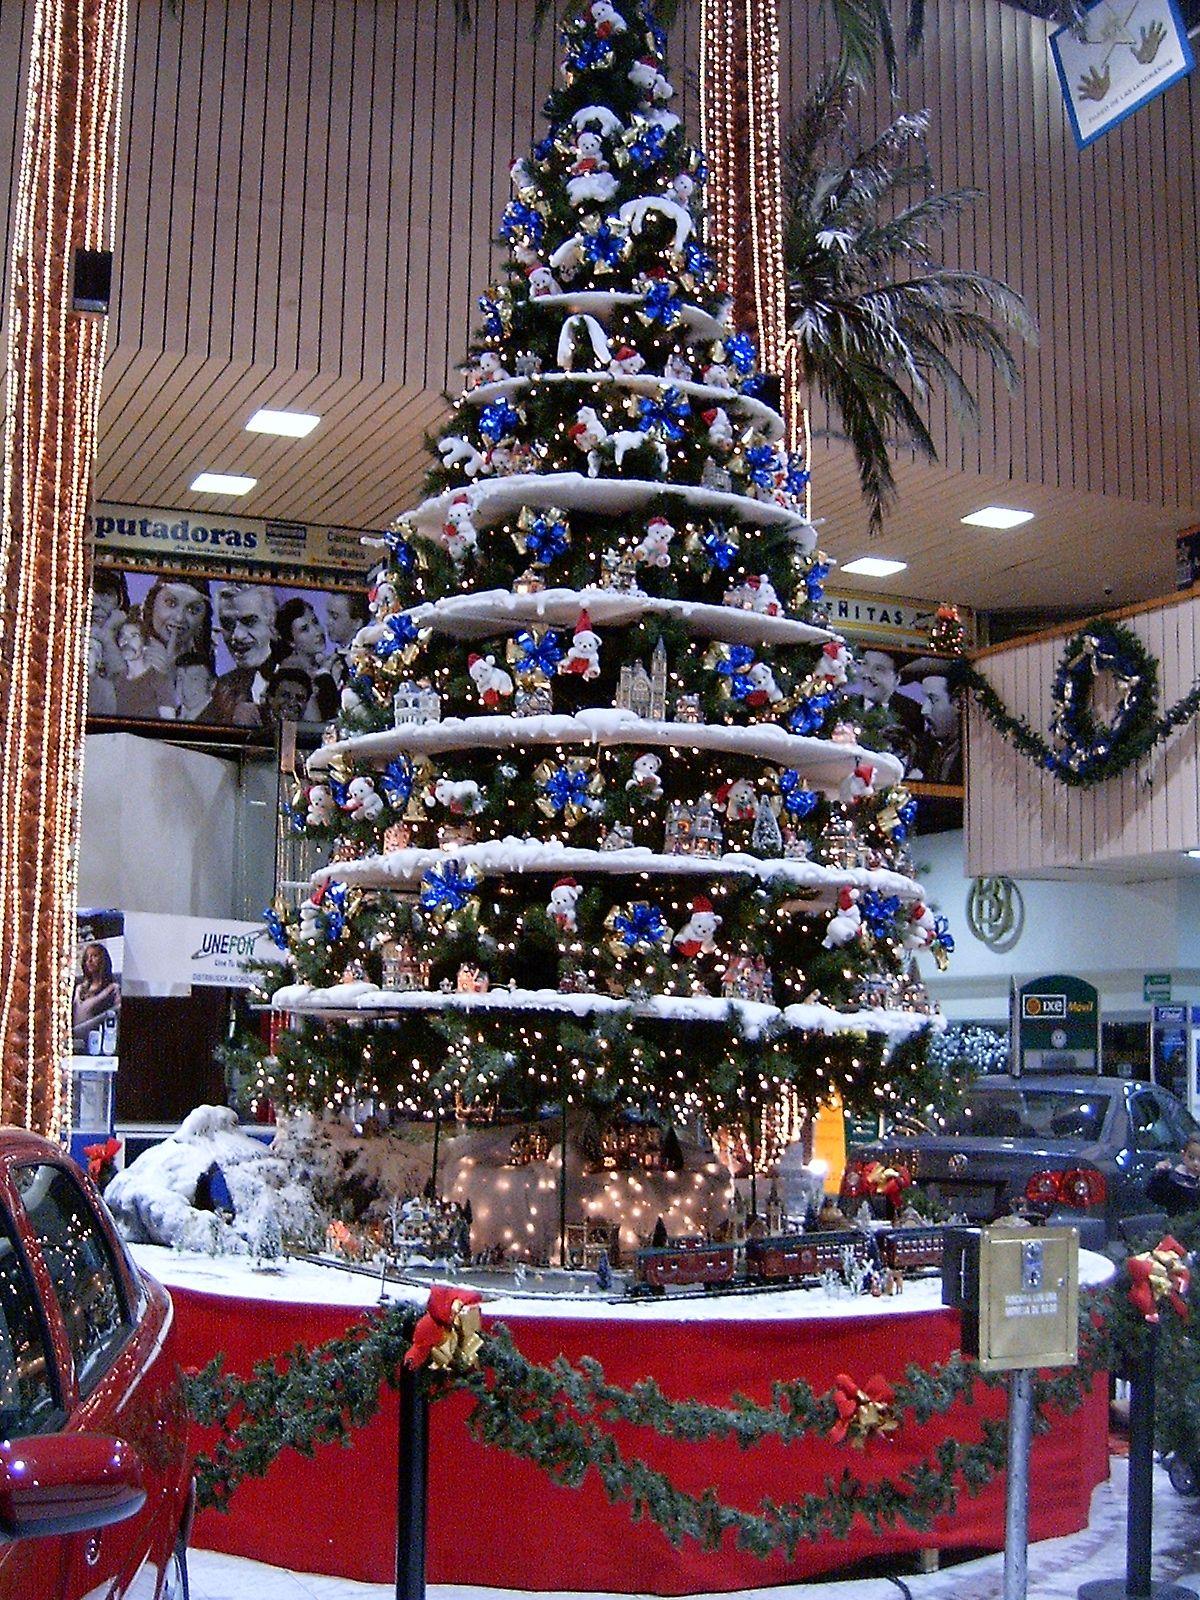 Arbol navide o con villas y tren electrico alrededor for Decoracion christmas navidenos